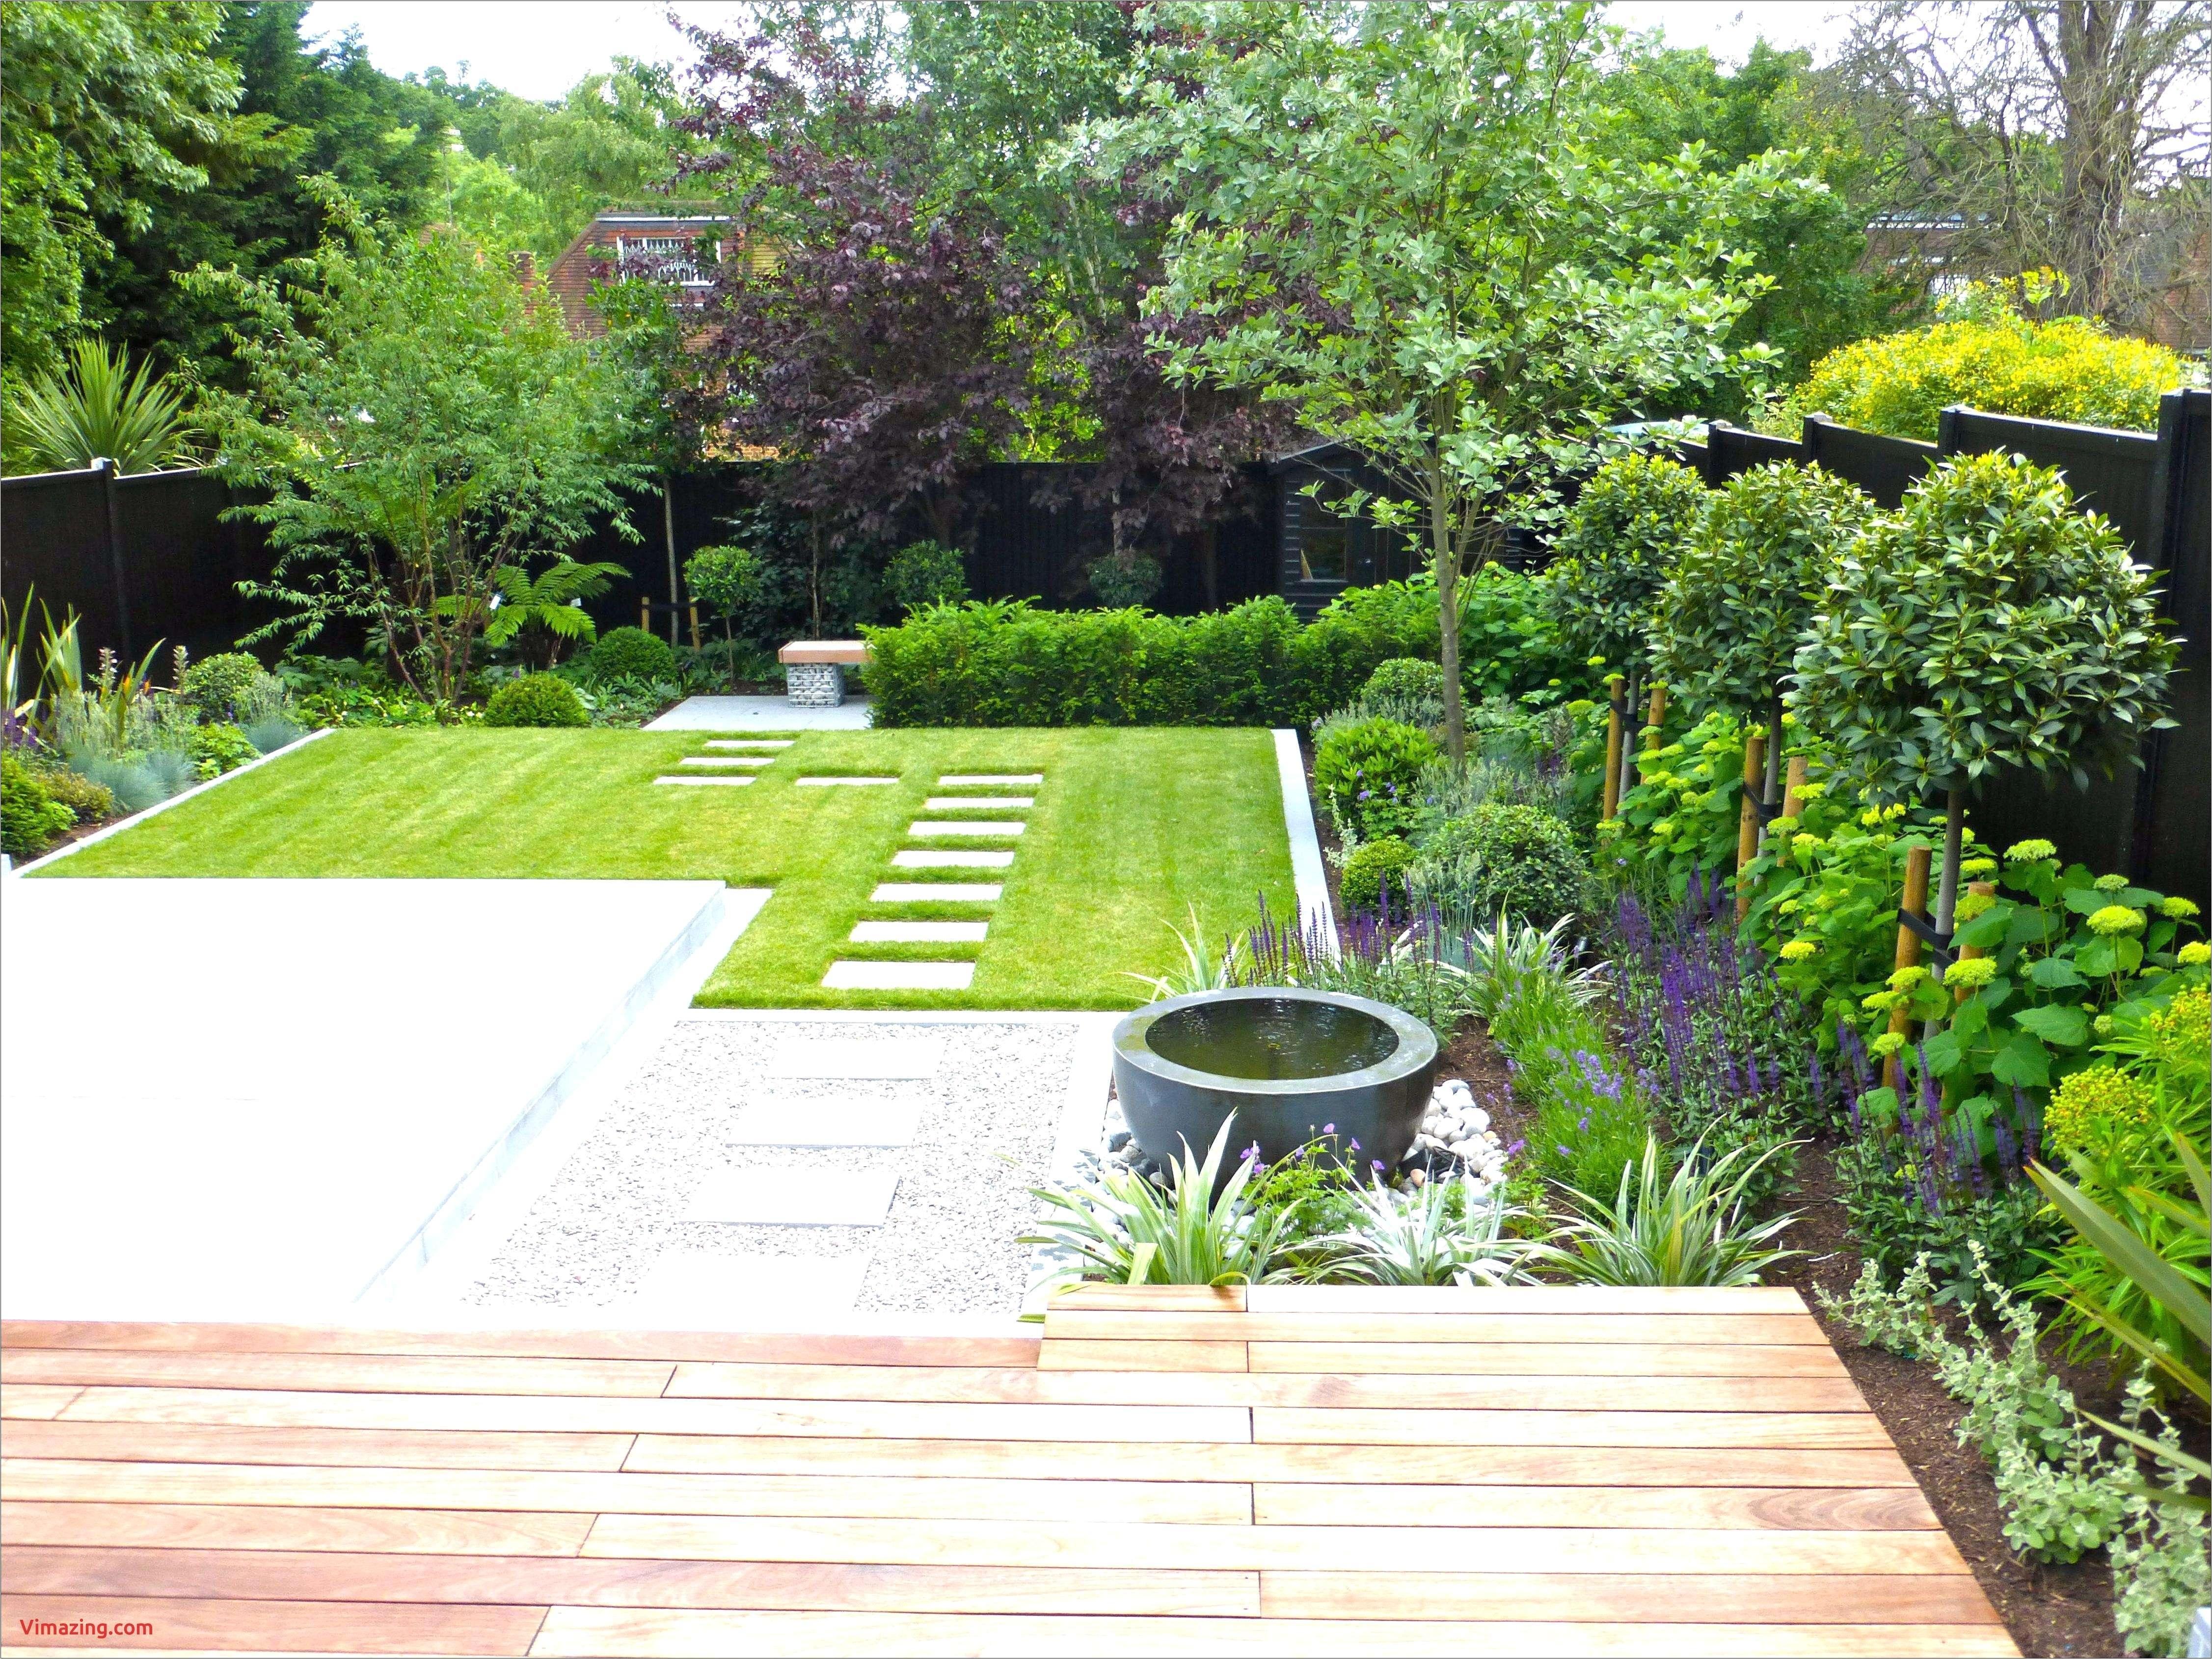 backyard landscaping beautiful garten ideas garten modern beautiful kletterturm garten 0d tags